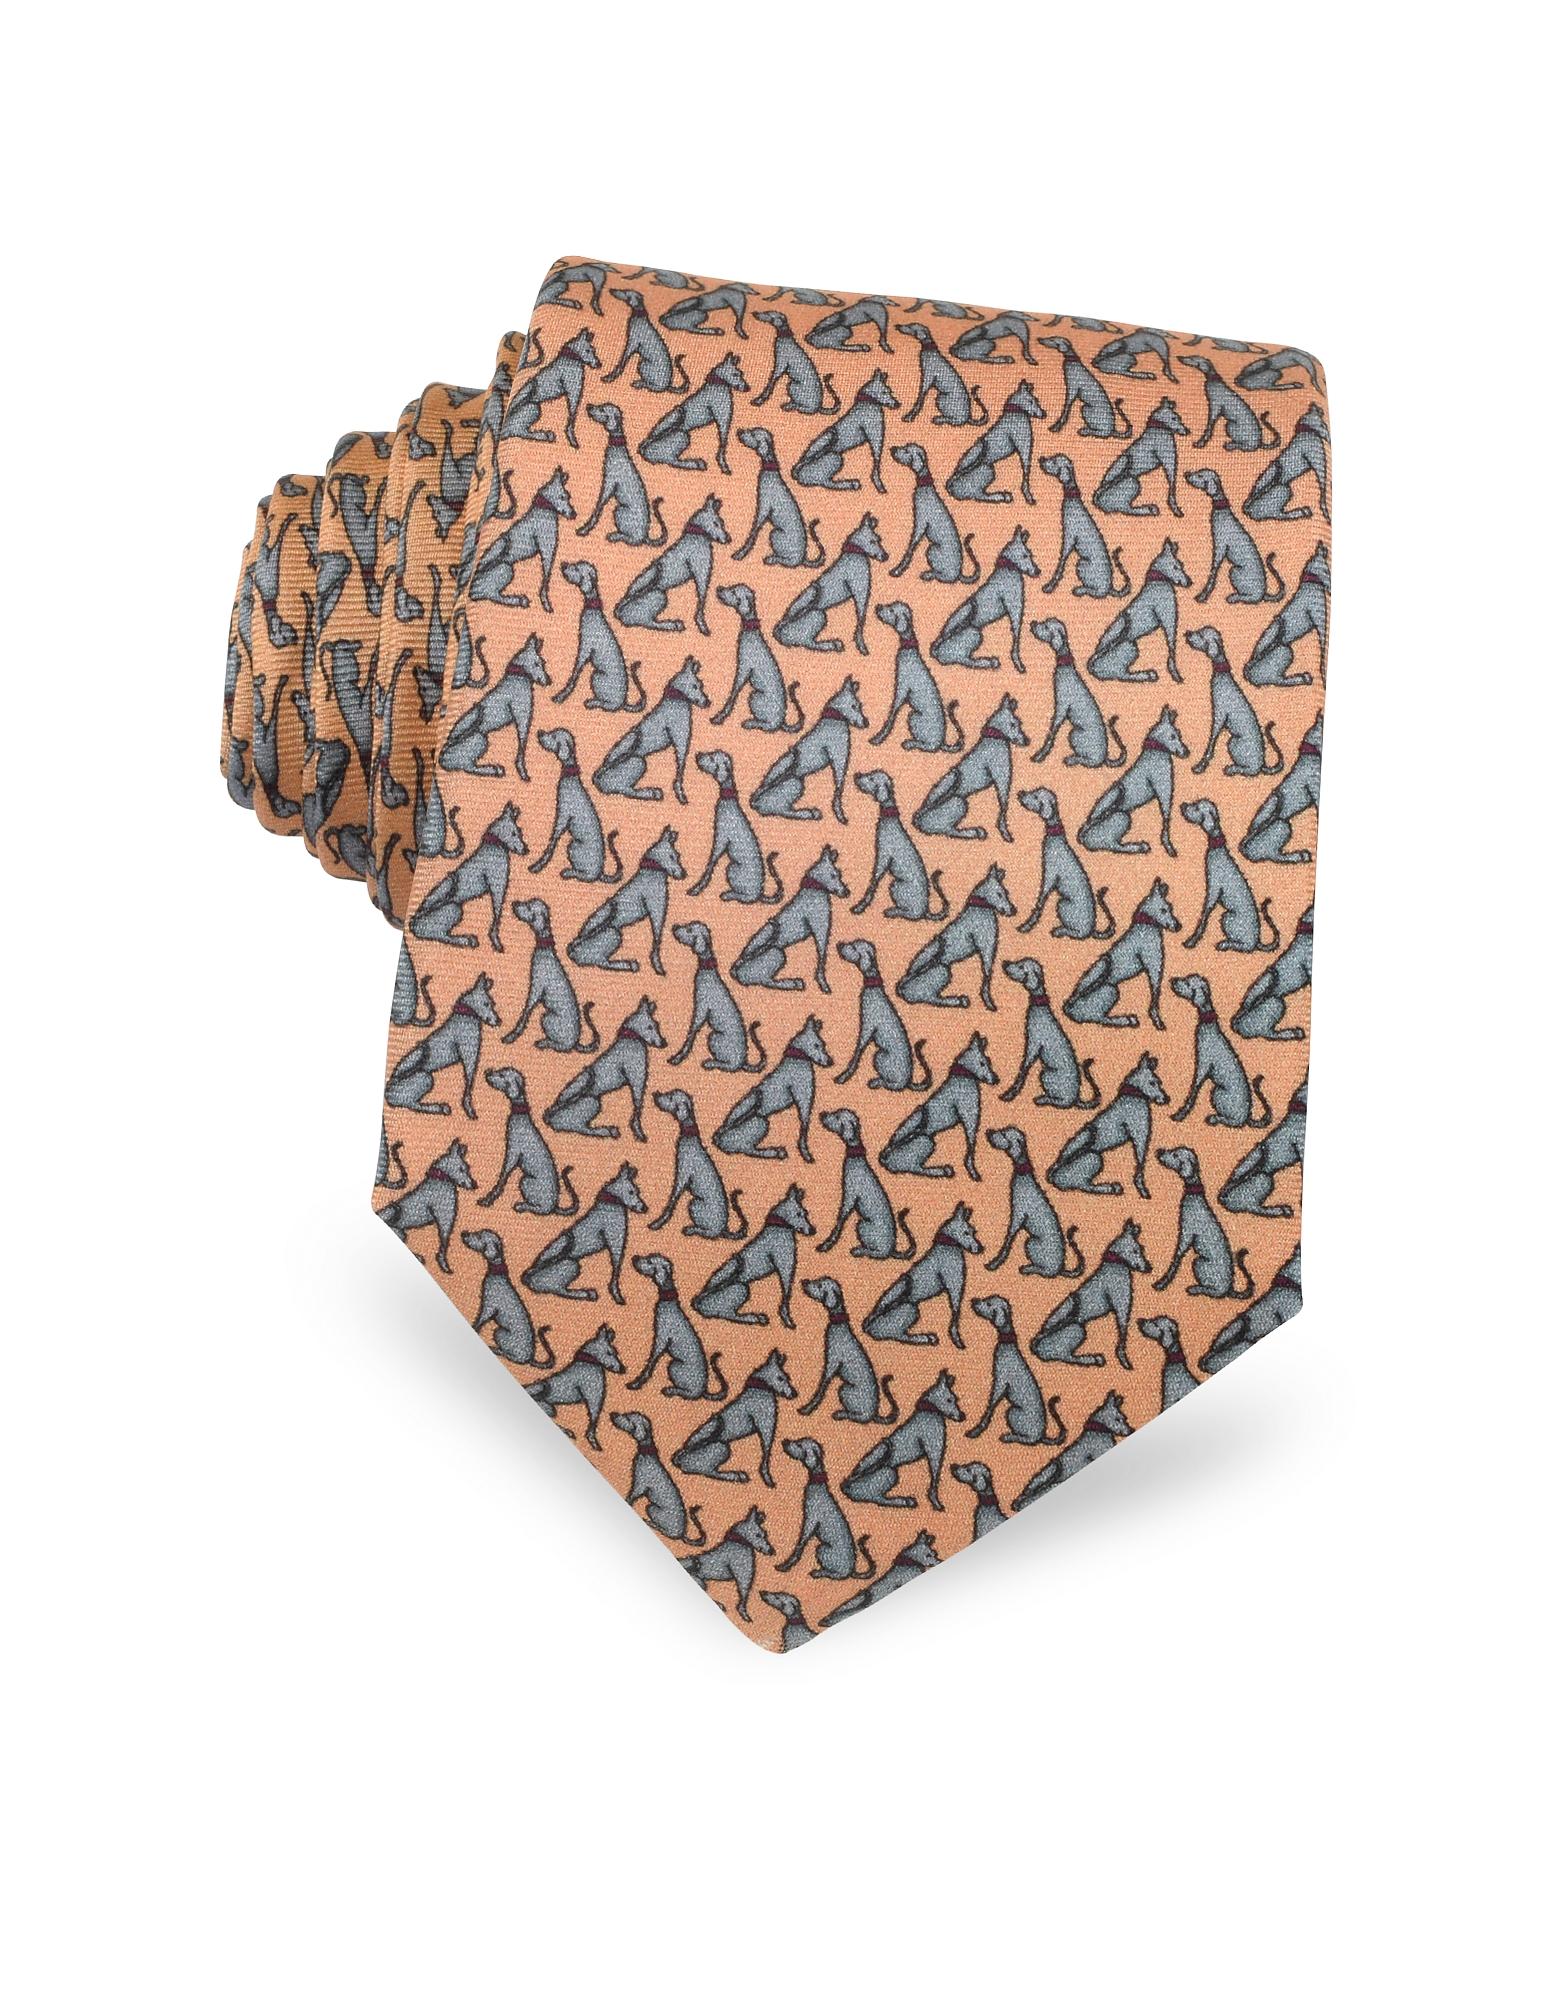 Cravate en Soie avec Imprimé Chiens